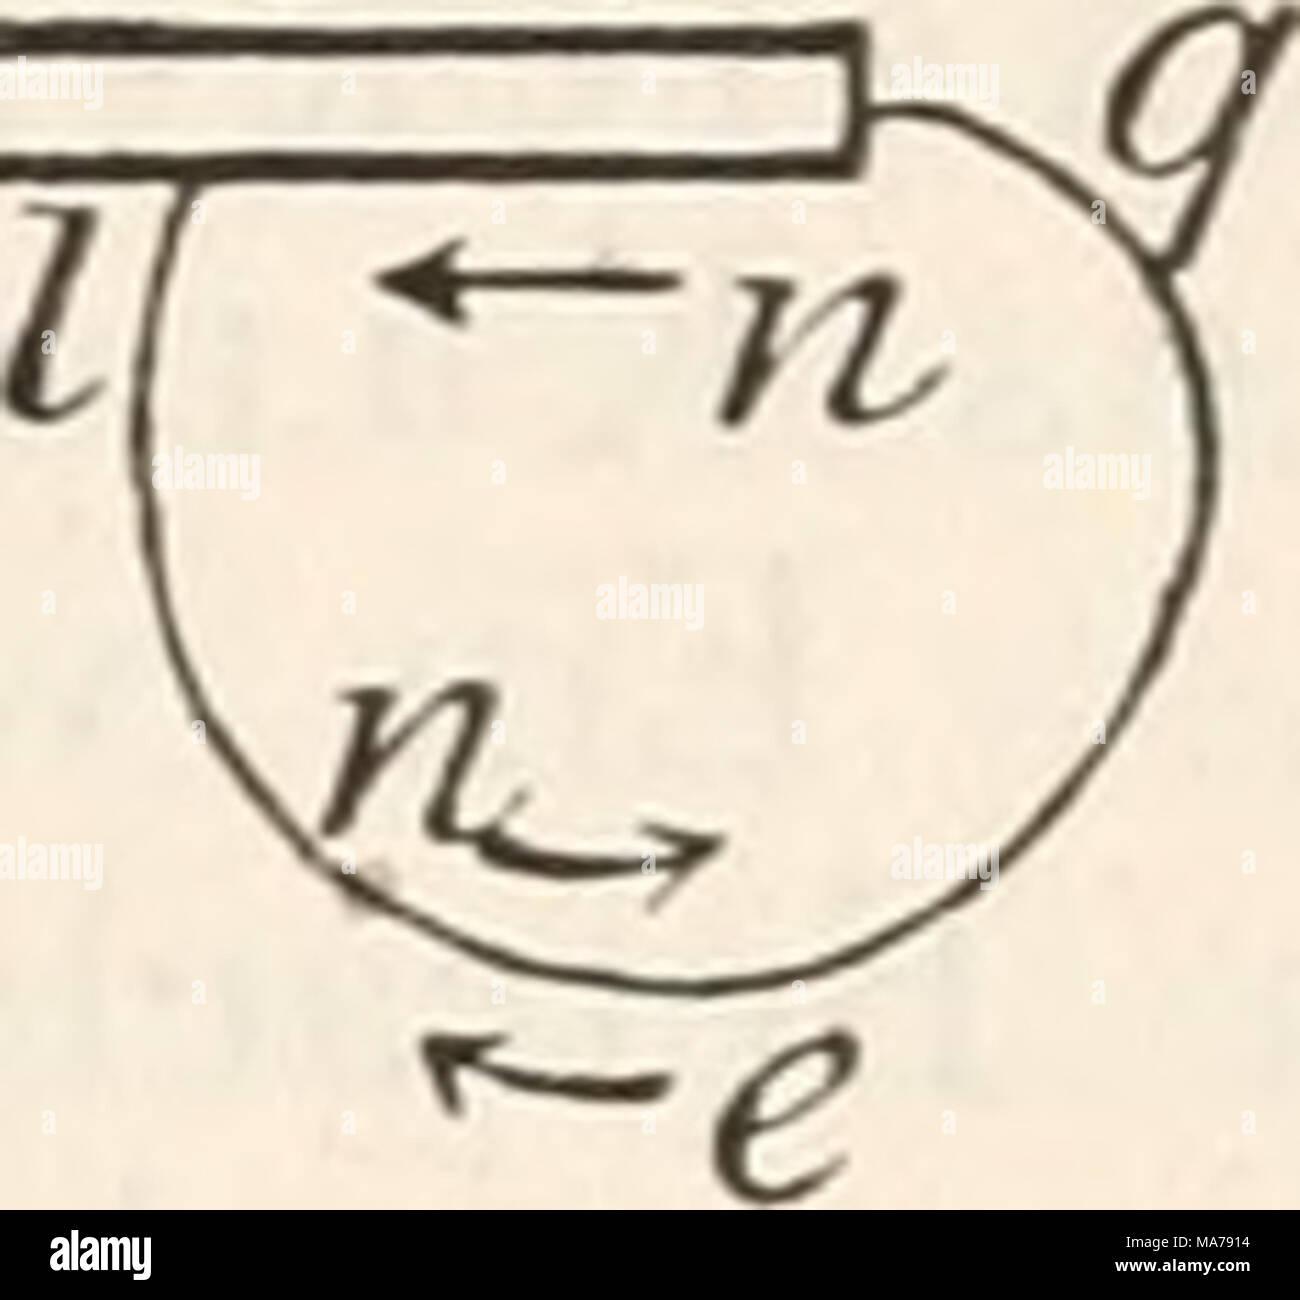 . Elektrophysiologie . den Zuwachs ausdrückt, und verbinden die Kuppen dieser Linien, so erhalten wir eine Curve, deren Gestalt uns ein anschauliches Bild von der an jeder Stelle auftretenden Veränderung der Spannung gewährt. In gleicher Weise stellen wir die Veränderungen an der Kathodenseite dar, nur ziehen wir, um gleich anzudeuten, dass hier die Spannungen negativ werden, die betreffenden Ordinaten nach abwärts vom Nerven als Abscissenaxe. Die beiden Curvenstücke lehren uns nur das Ver- halten der extrapolaren Nervenstrecken. In der That wissen wir nicht, wie sich der Nerv in der intrapola Stock Photo